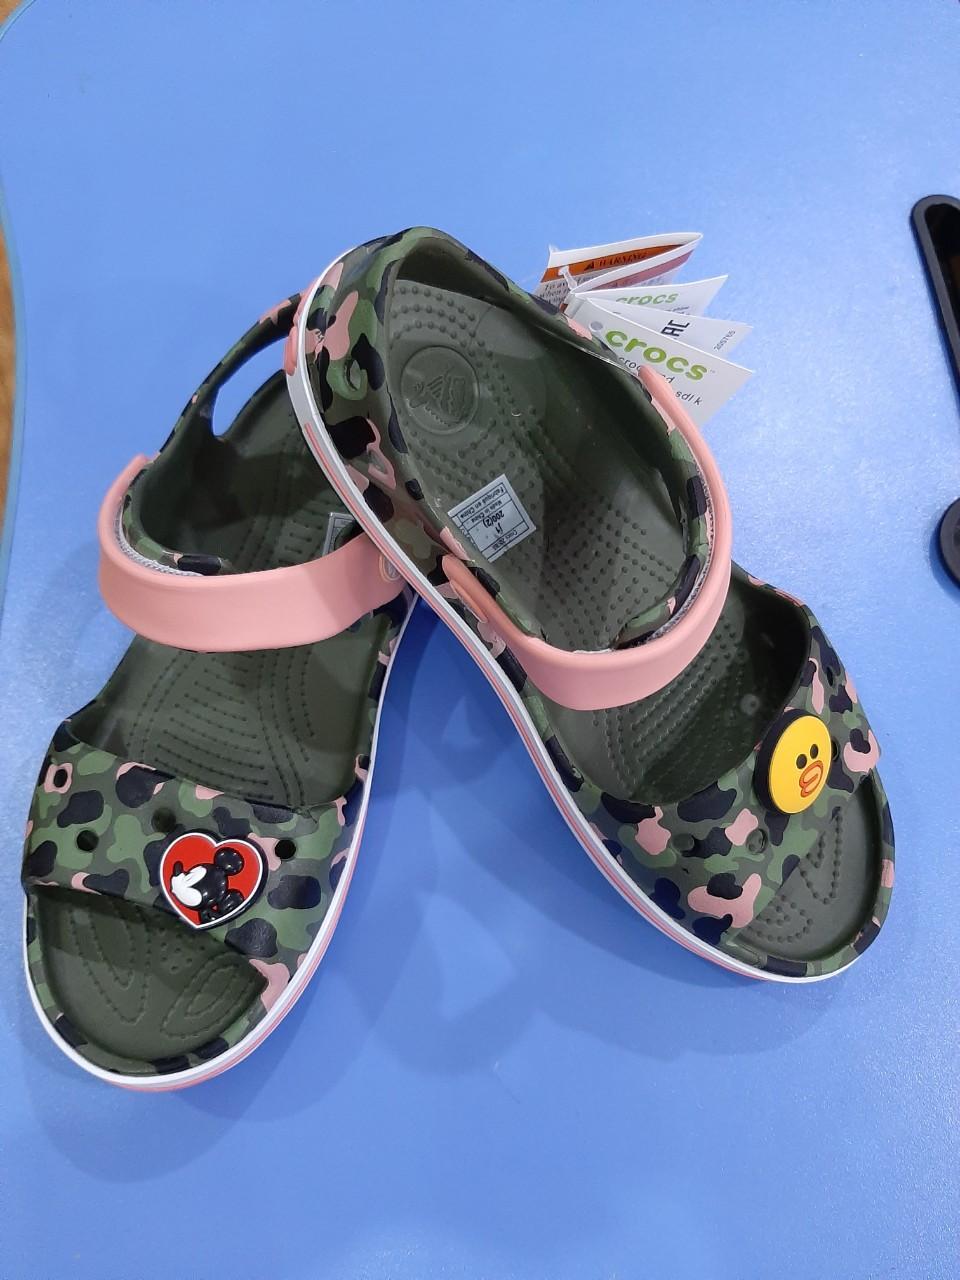 Giá bán Giày Sandal Bayaband Camo quai hồng cho bé - mẫu mới